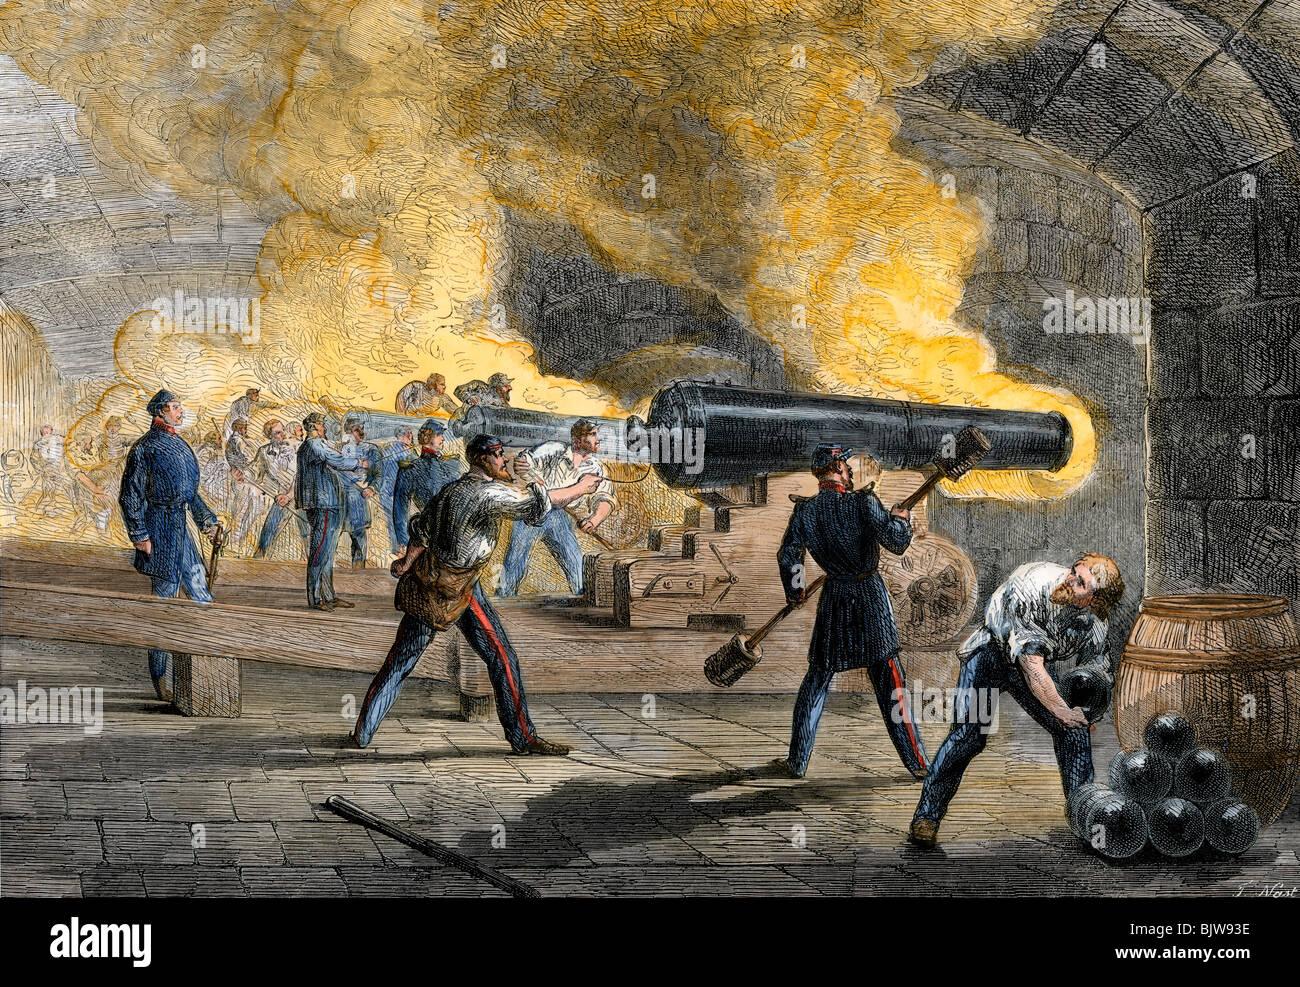 Kanonen von Fort Sumter wieder Feuer von Fort Moultrie zu Beginn des Bürgerkrieges 1861 Stockfoto